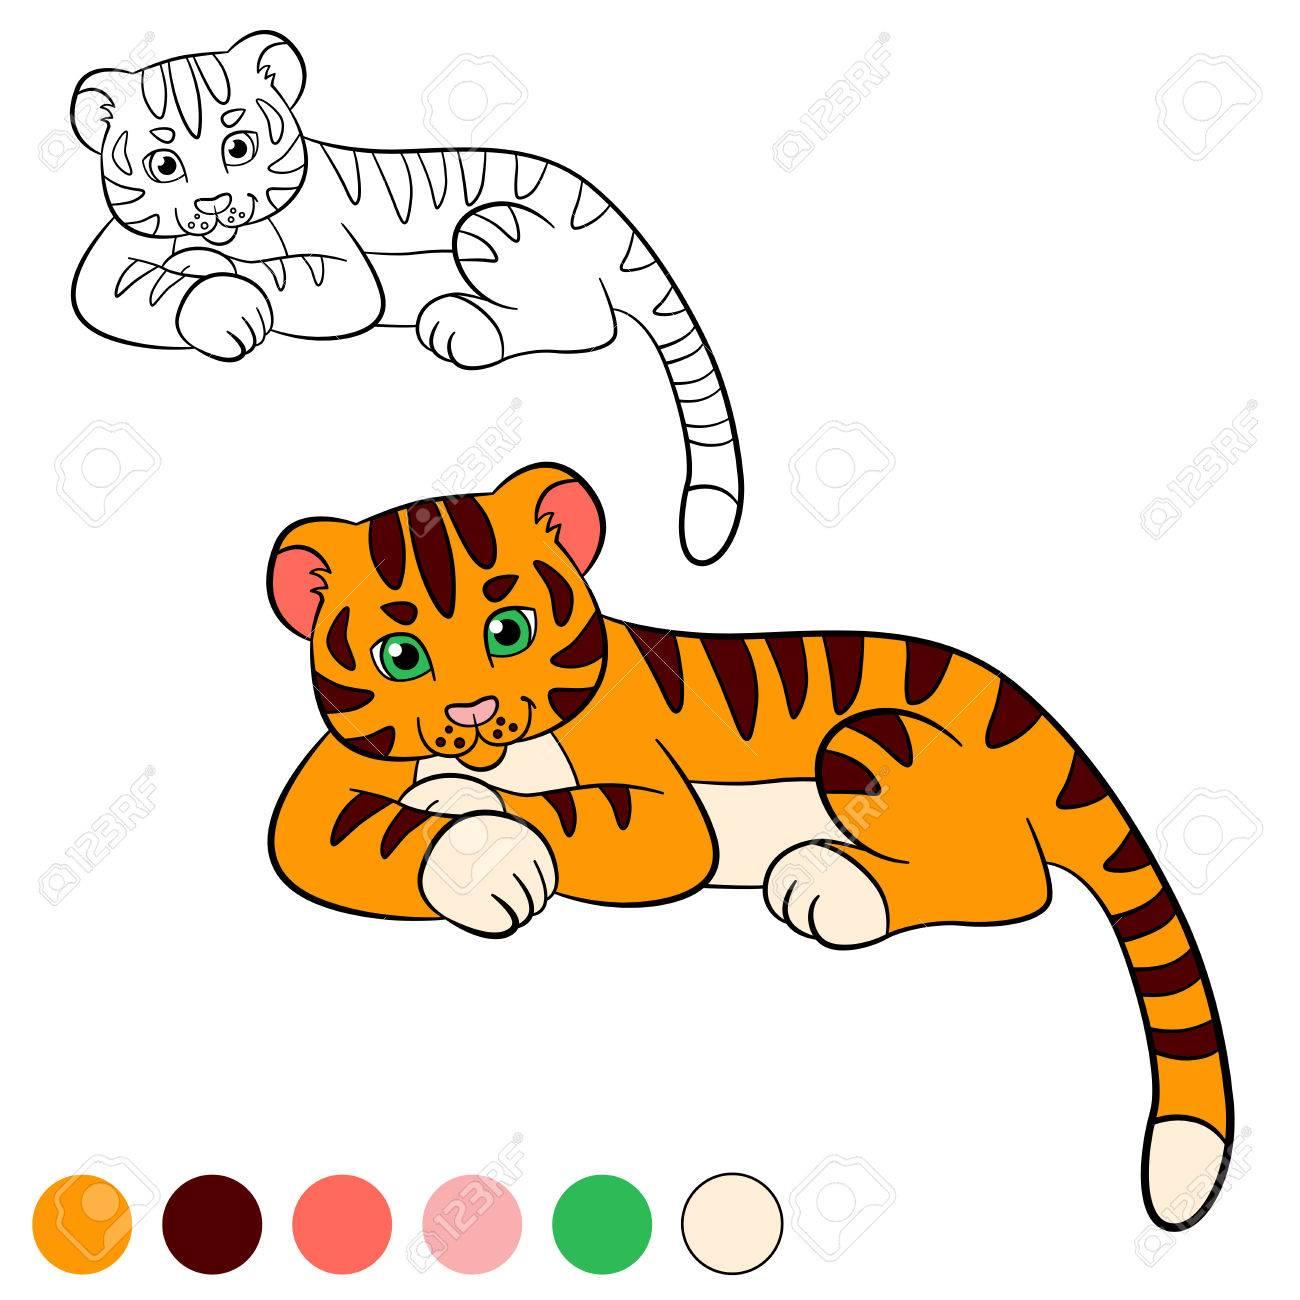 Malvorlage. Color Me: Tiger. Kleine Süße Baby-Tiger Legt Und Lächelt ...